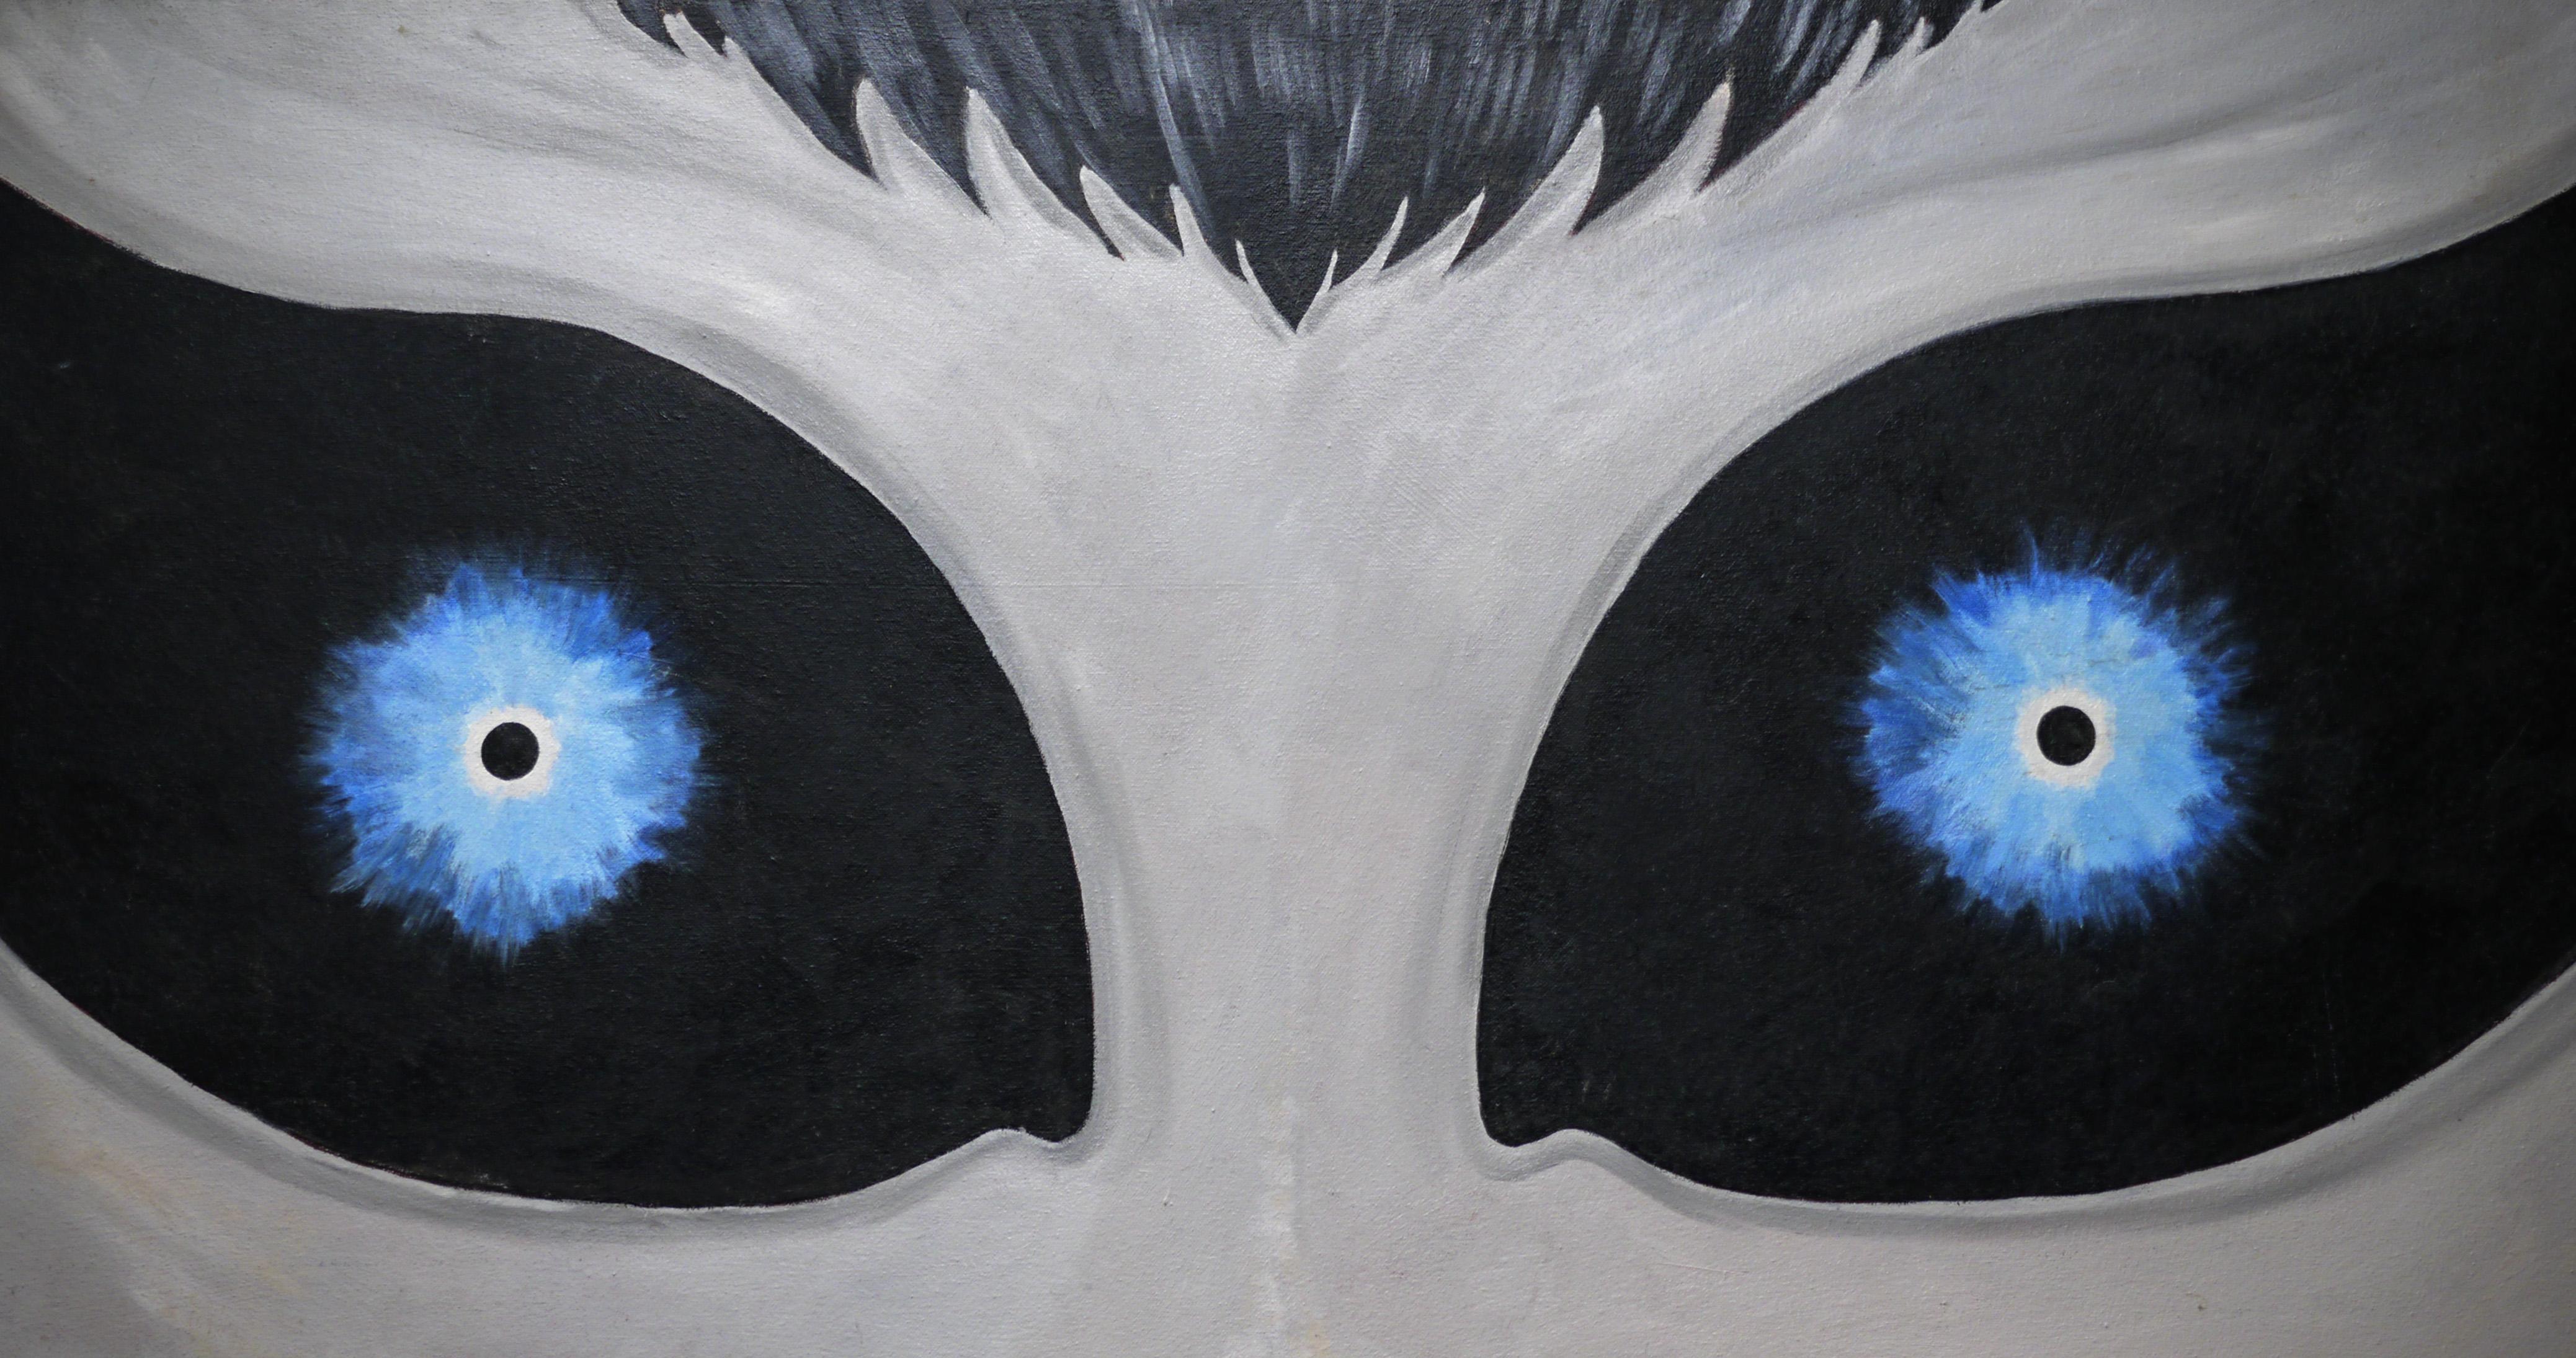 1517946352864-Her-Eyes